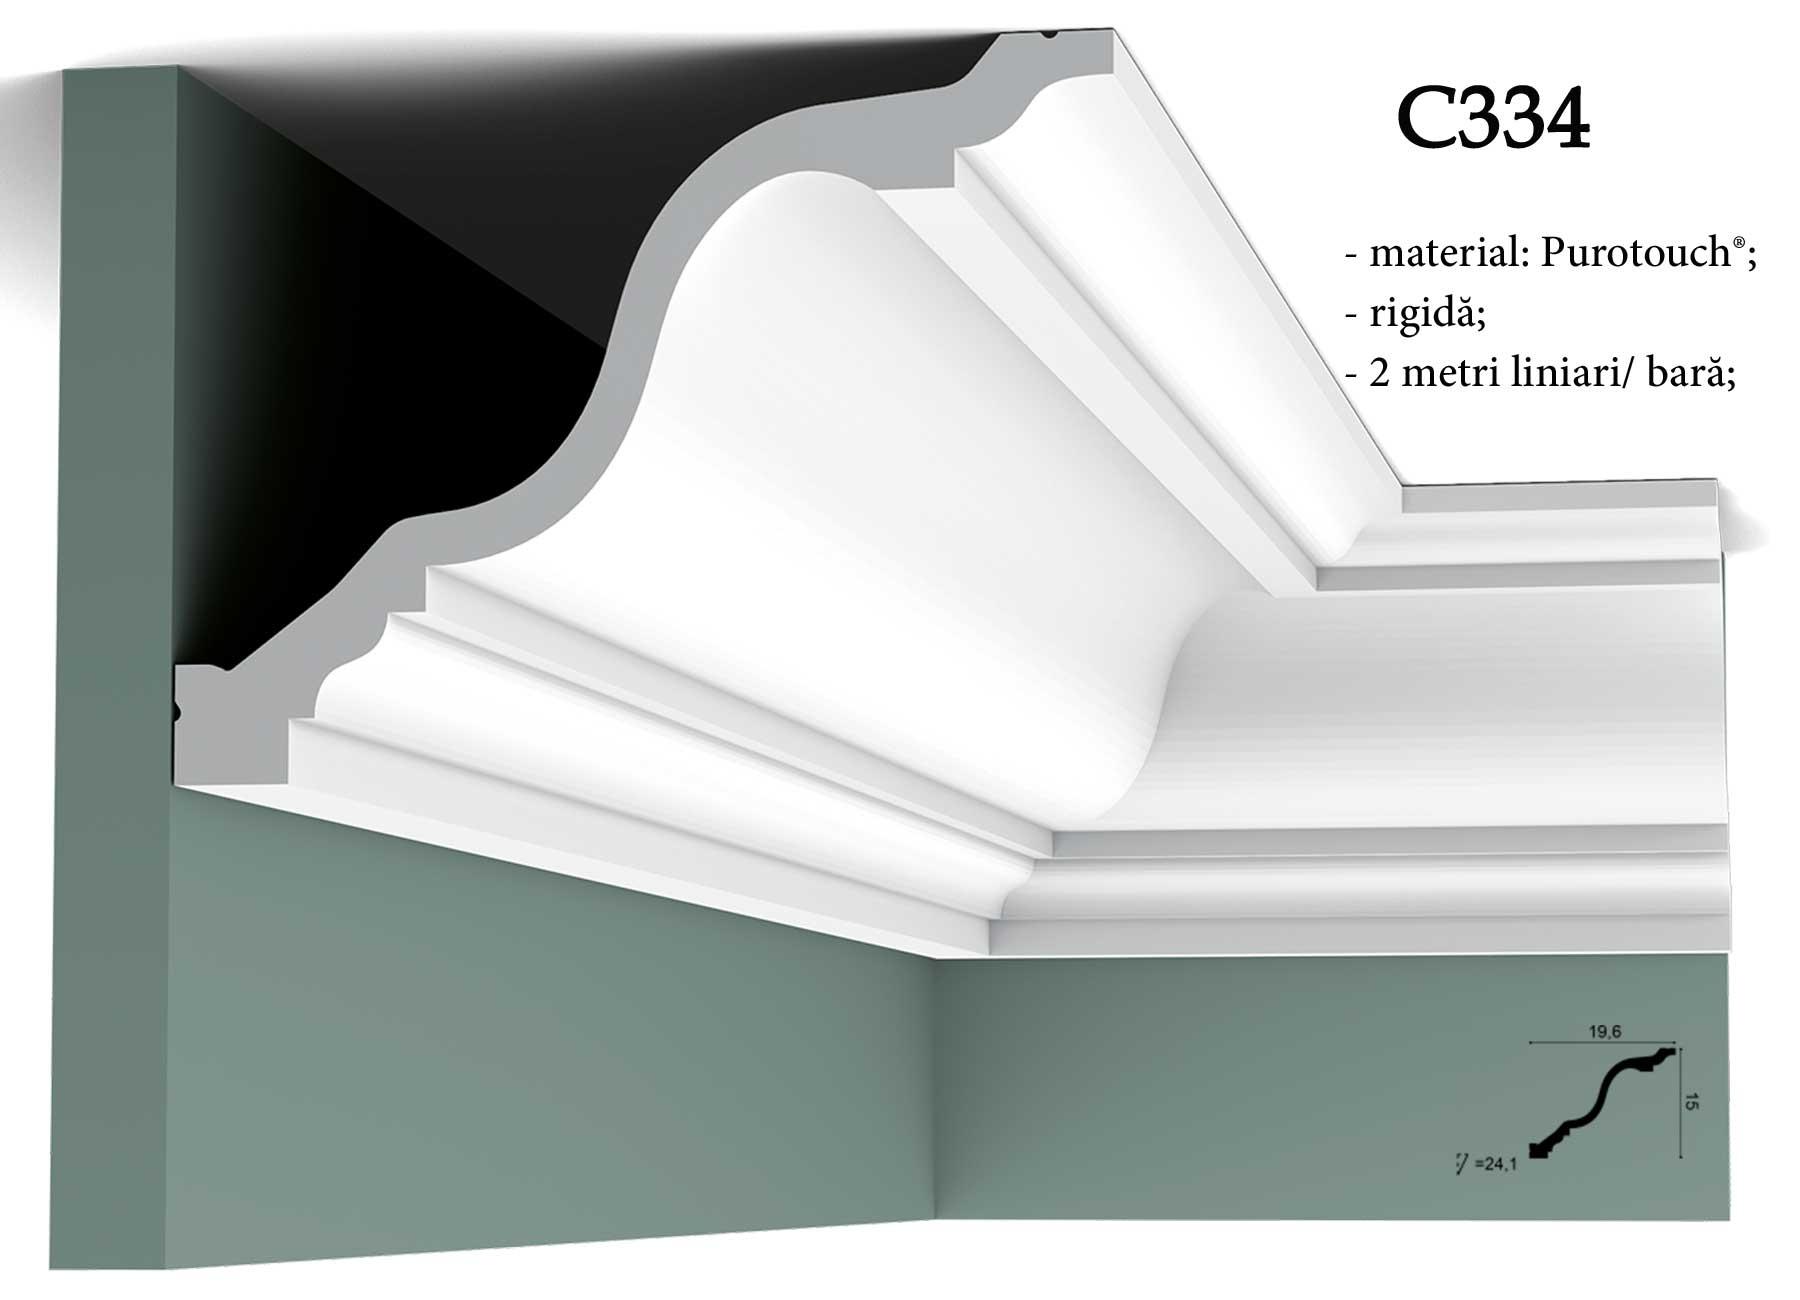 Bliss Art - Cornisa pentru tavan 2 metri Orac Decor C334